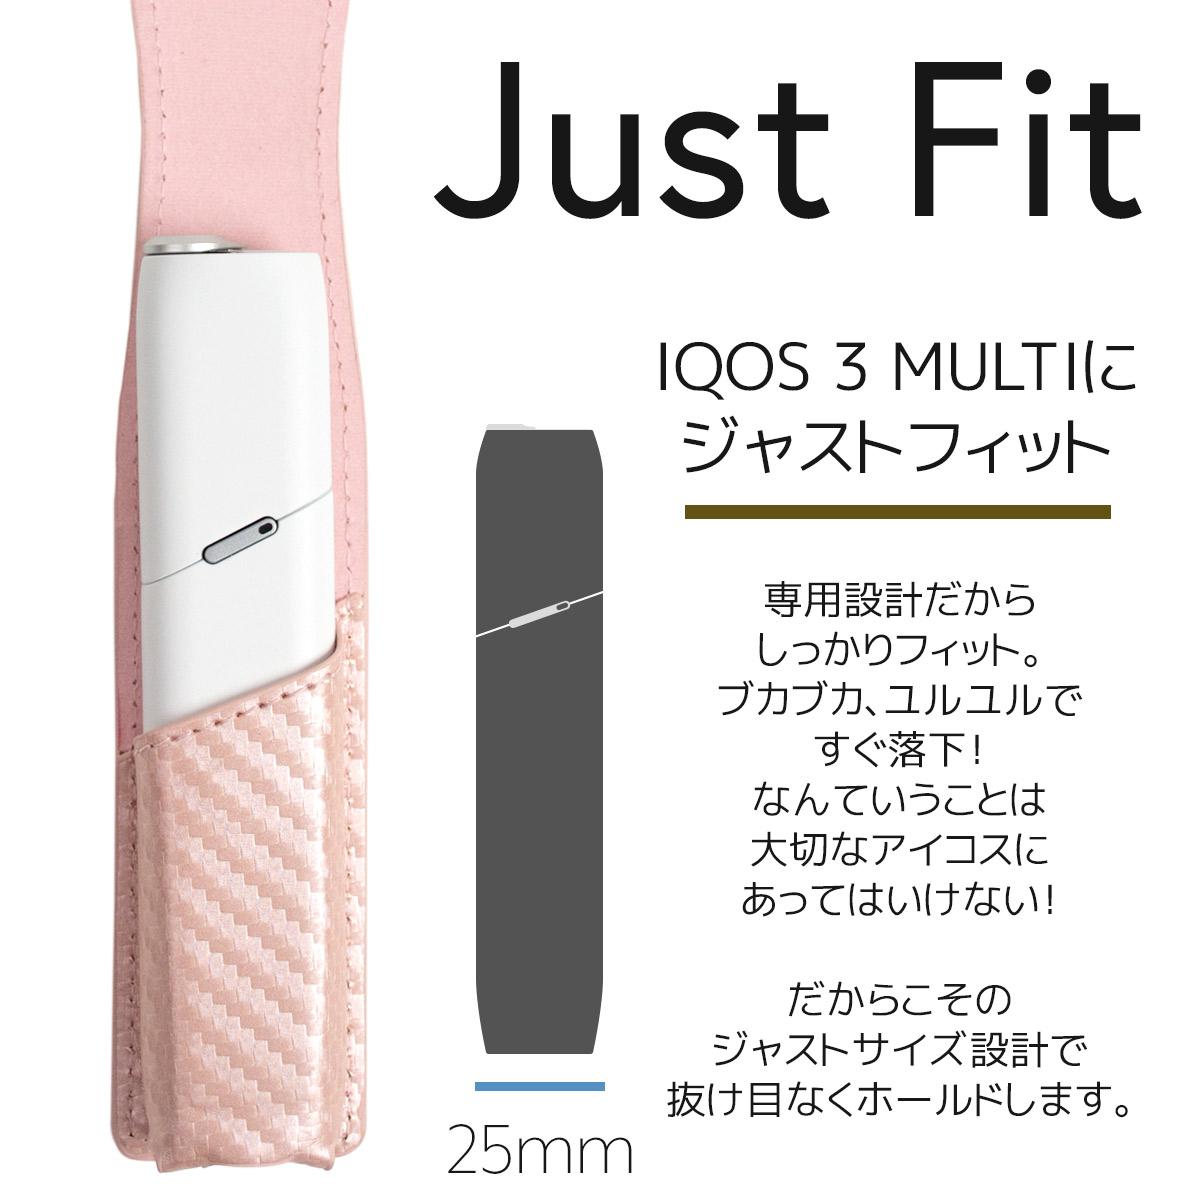 IQOS3MULTIケース